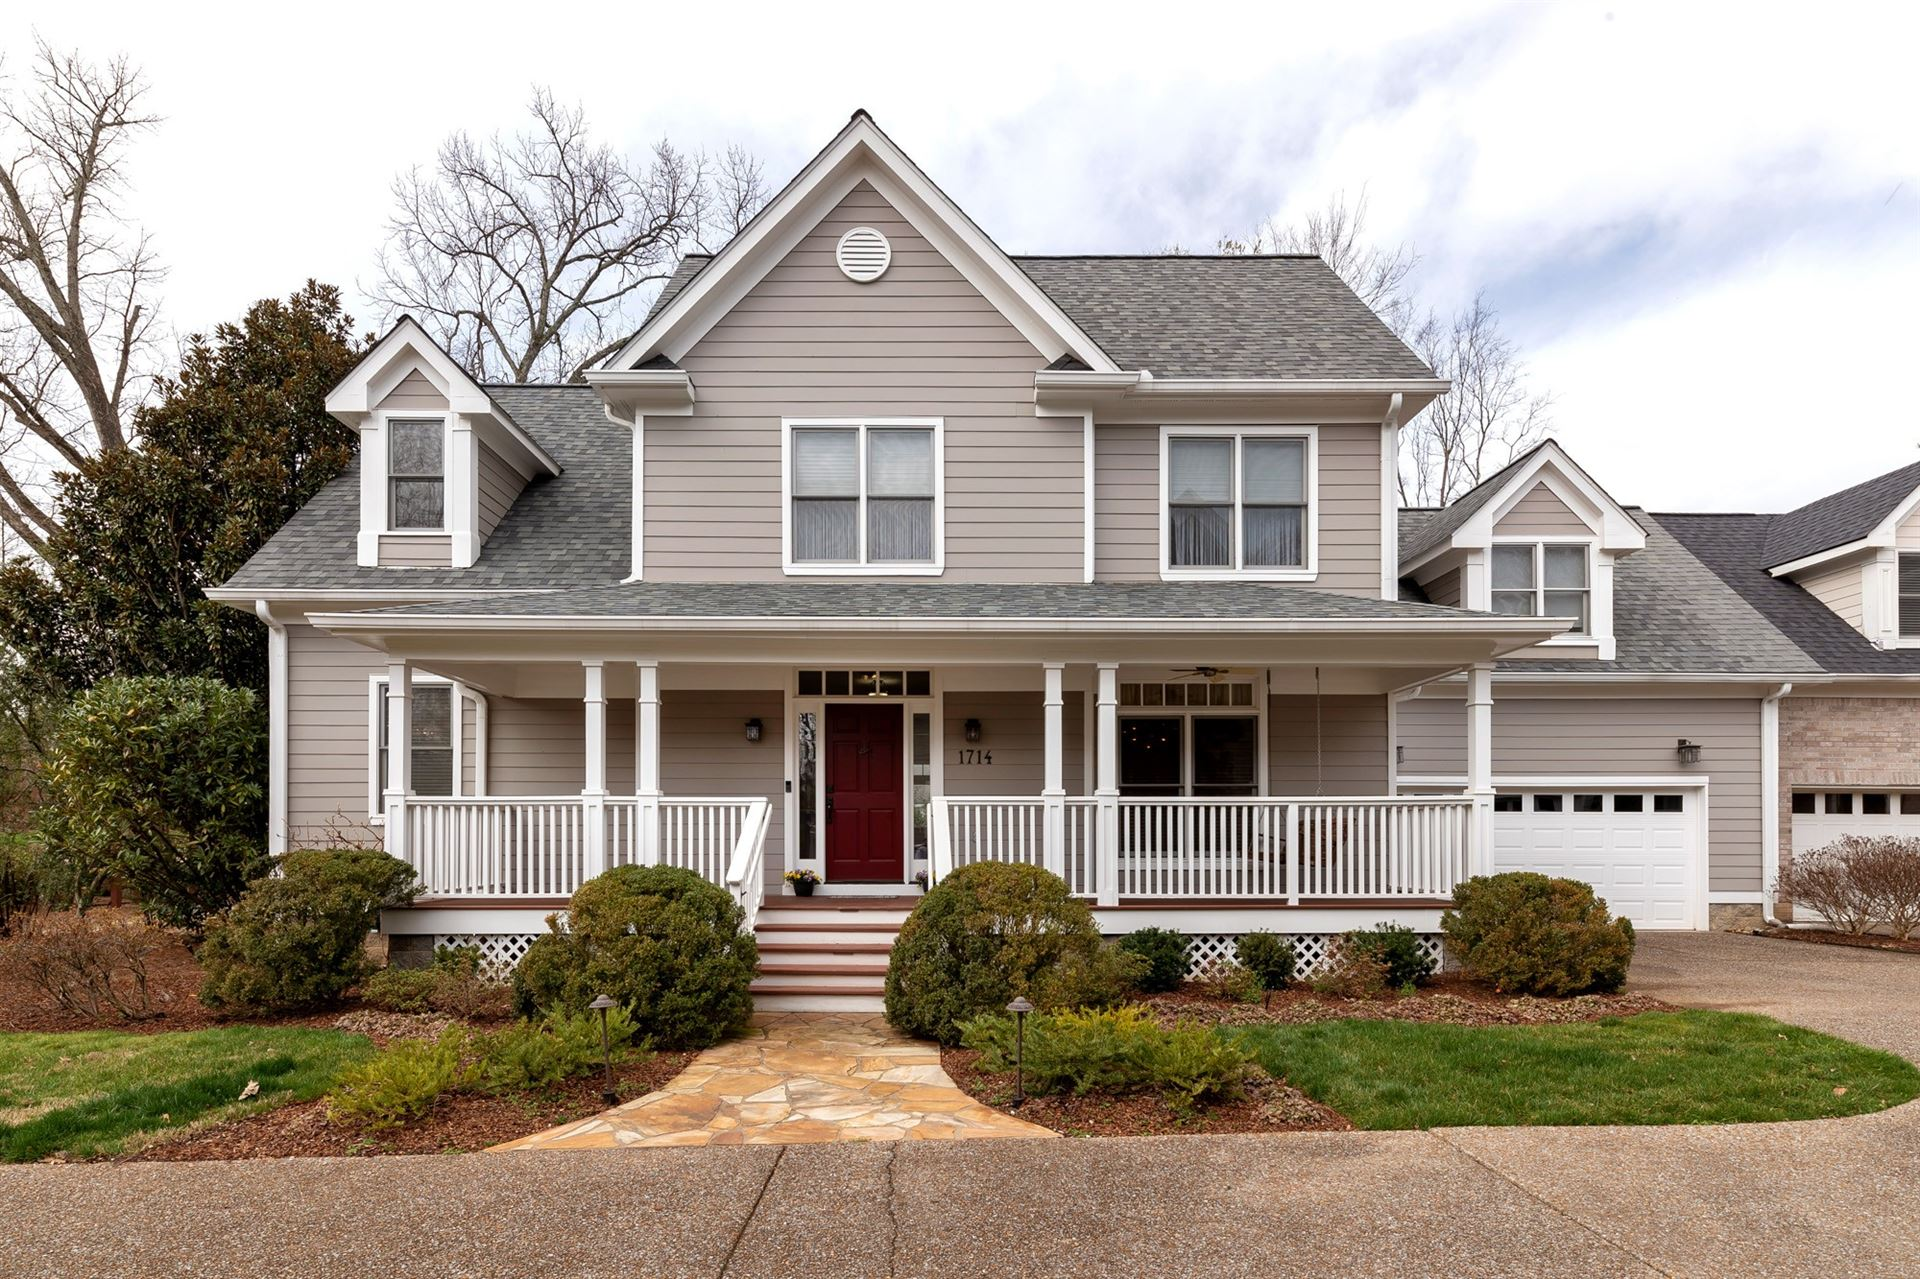 1714 Shackleford Rd, Nashville, TN 37215 - MLS#: 2237102